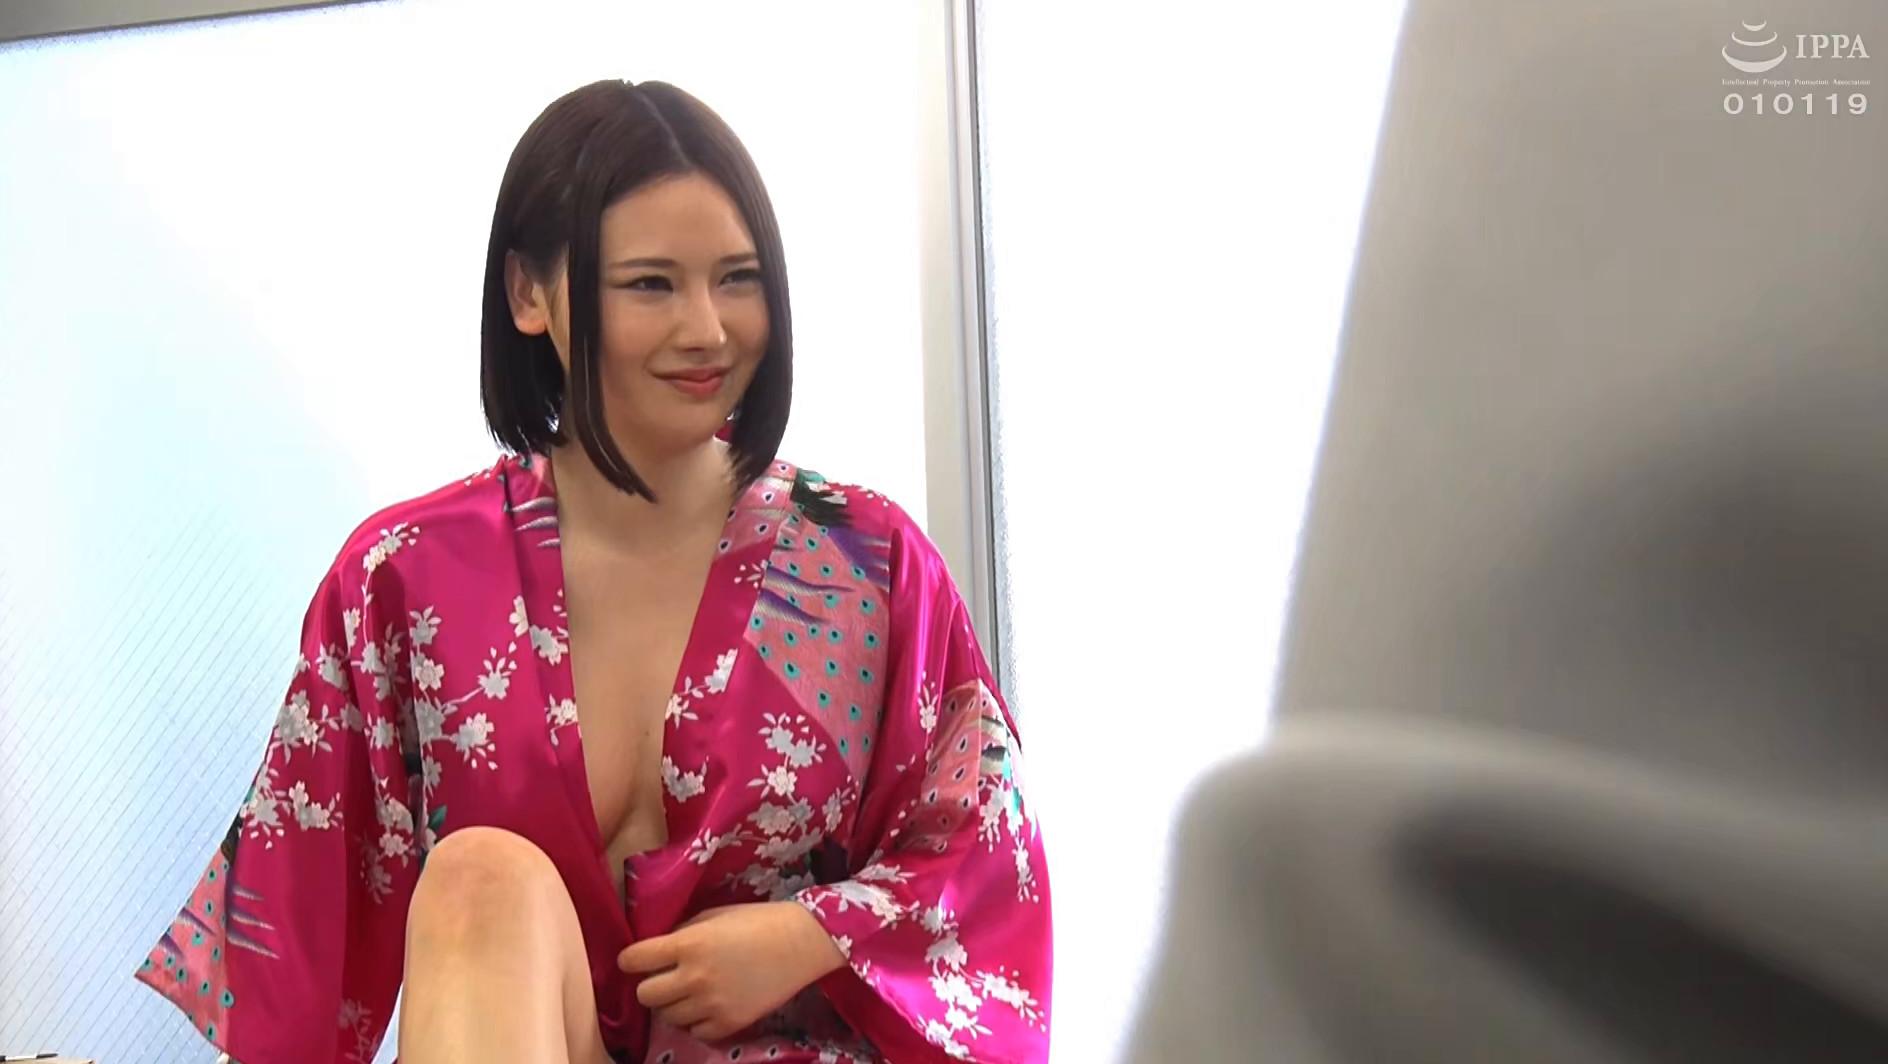 羞恥!春画のデッサンモデルにされる新任女教師! 皆川るい 画像10